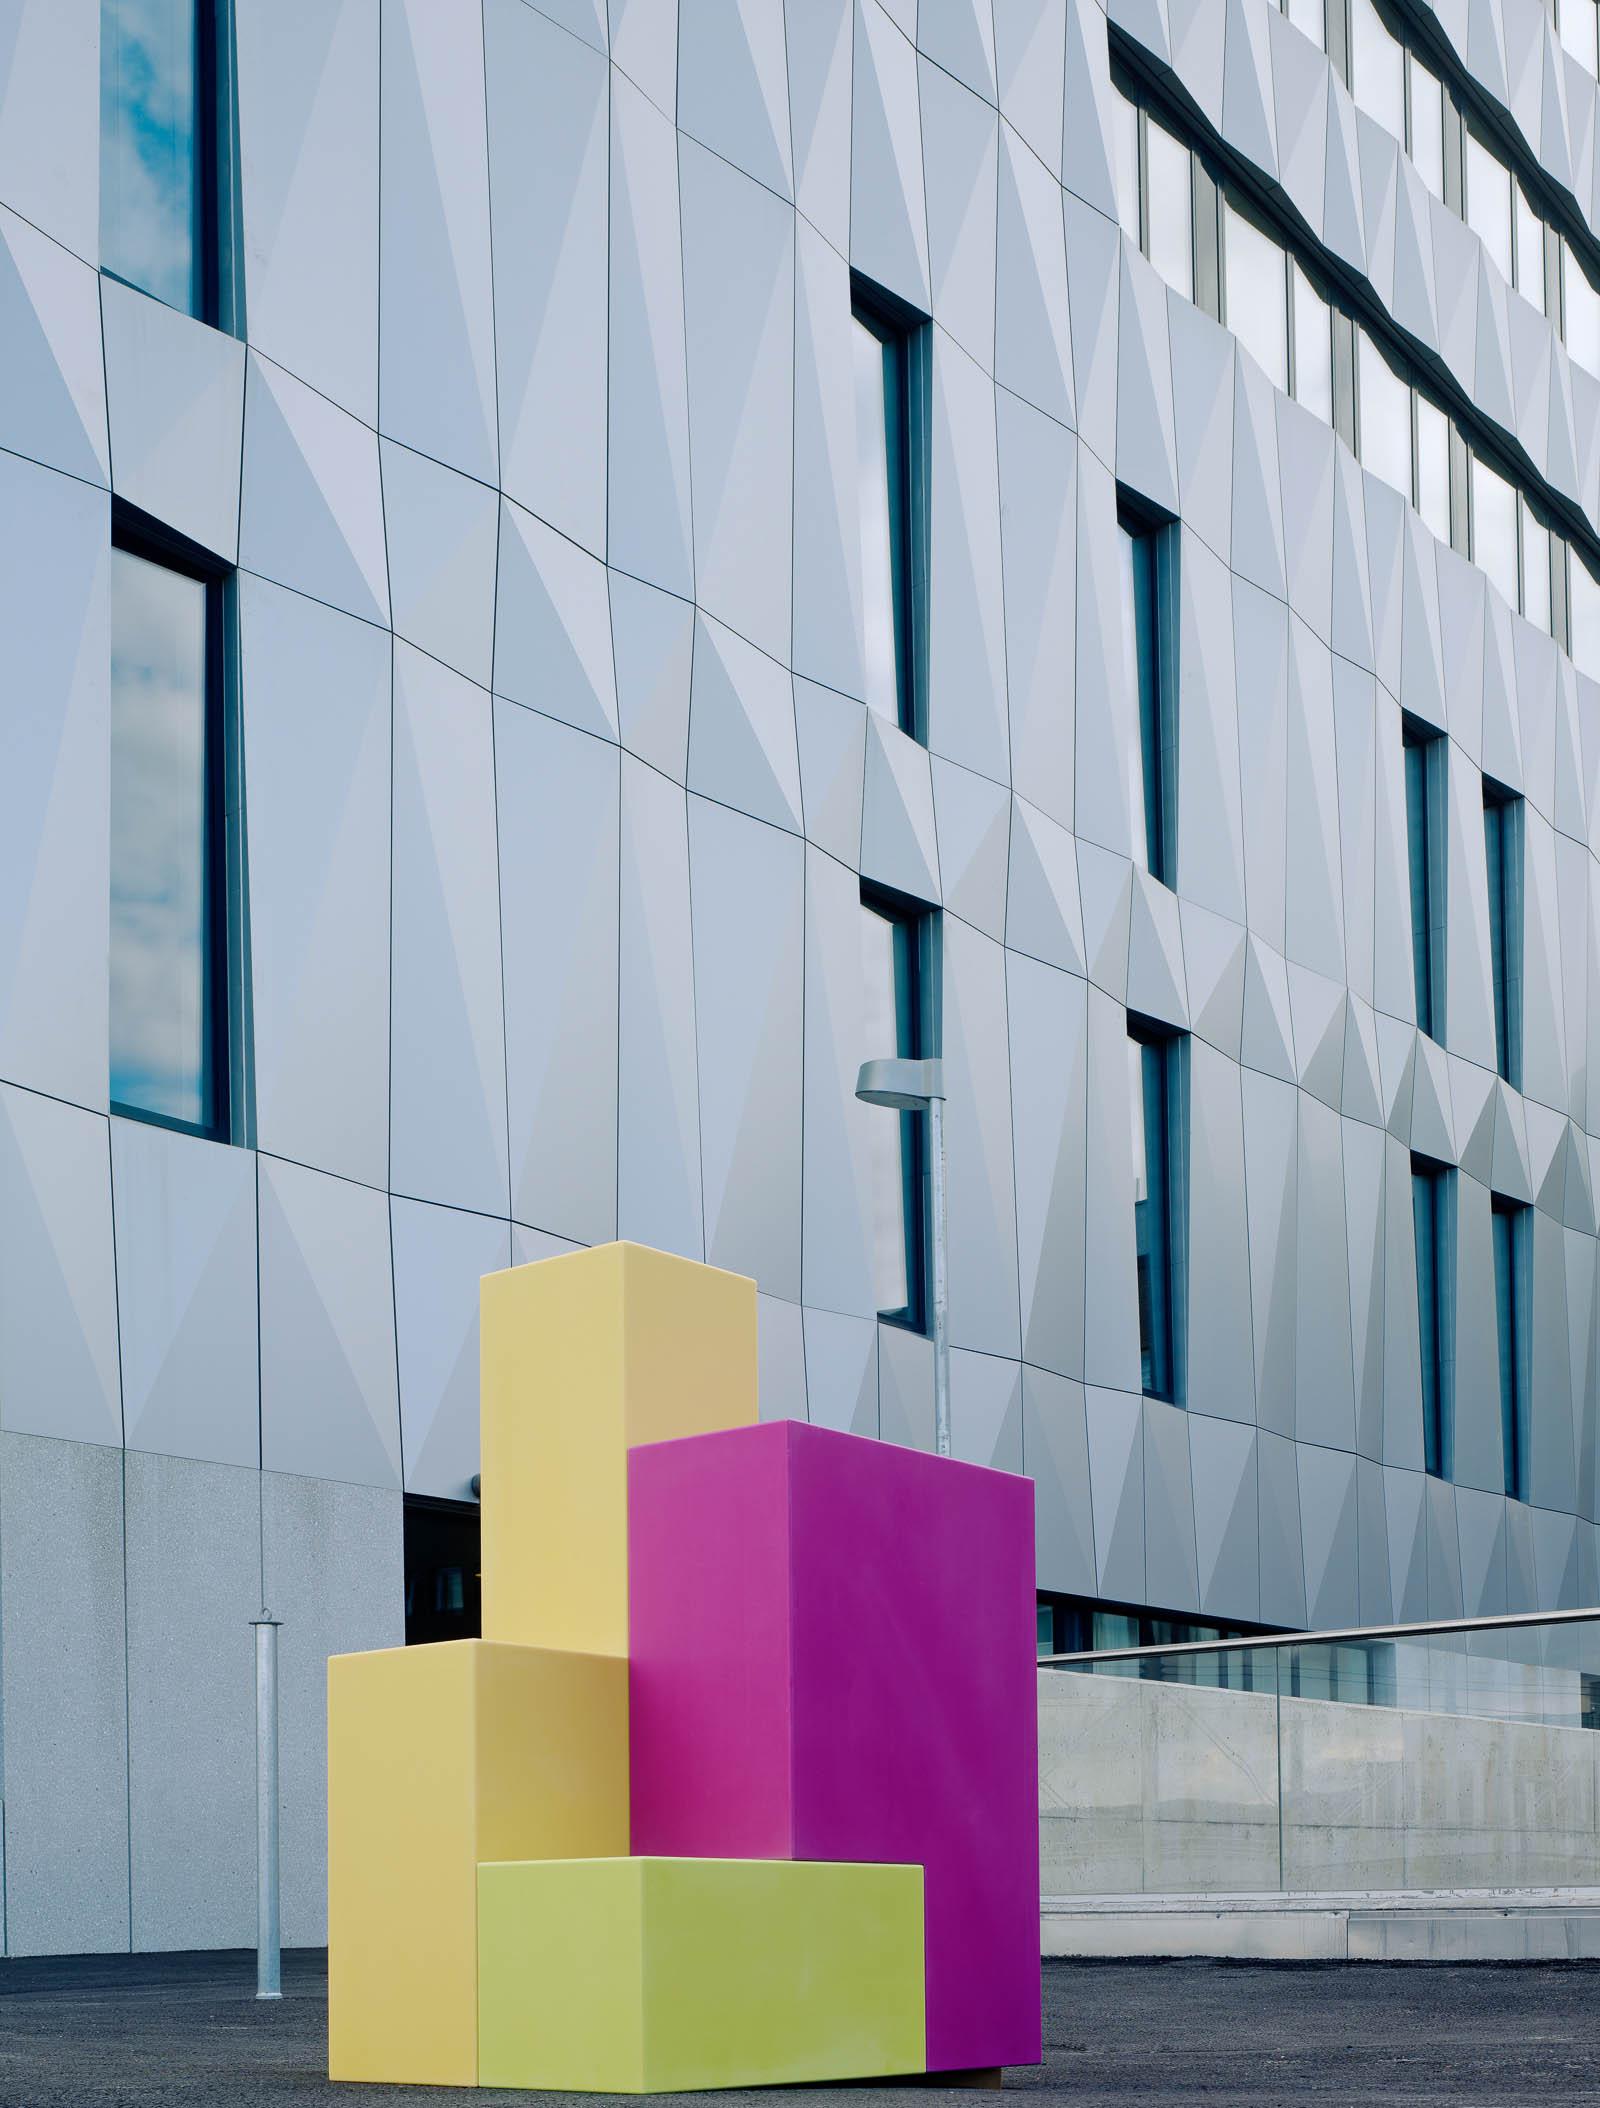 Skulptur utomhus med rosa och gula rätblock på högkant och ett litet grönt block vid foten. Jacob Dahlgren, Tetris, 2012.